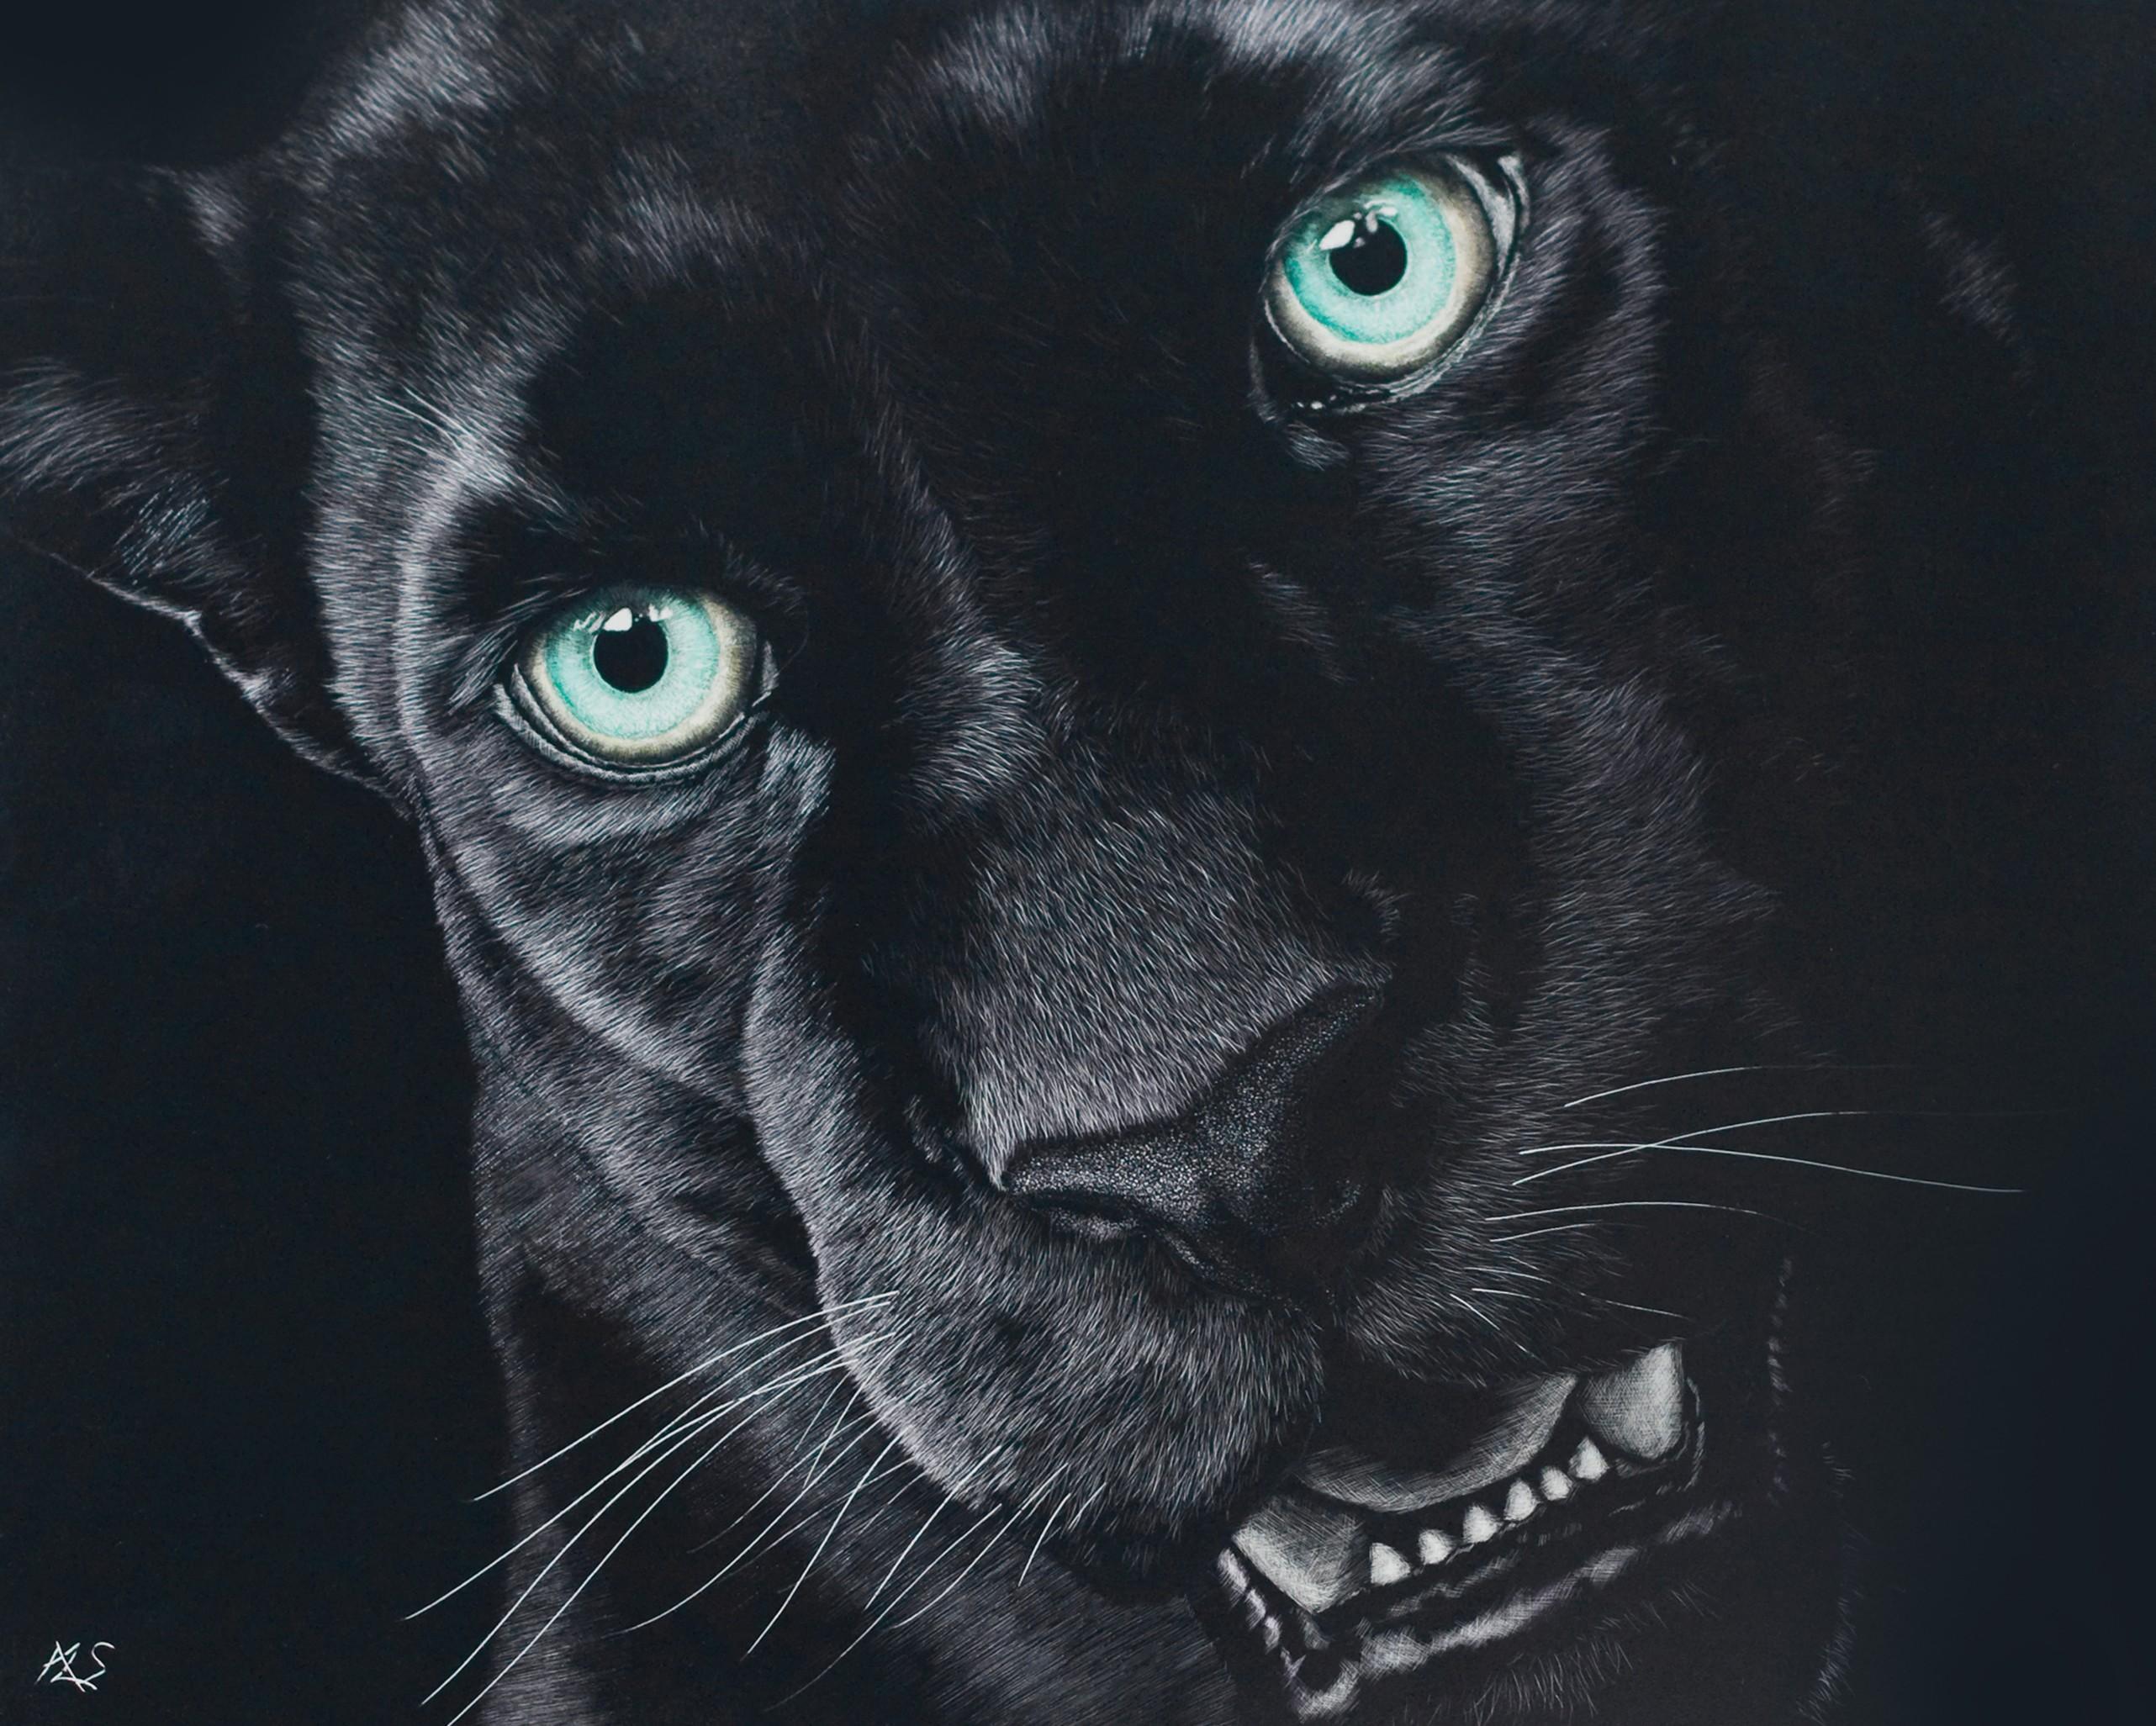 Black Jaguar Wallpapers HD Download